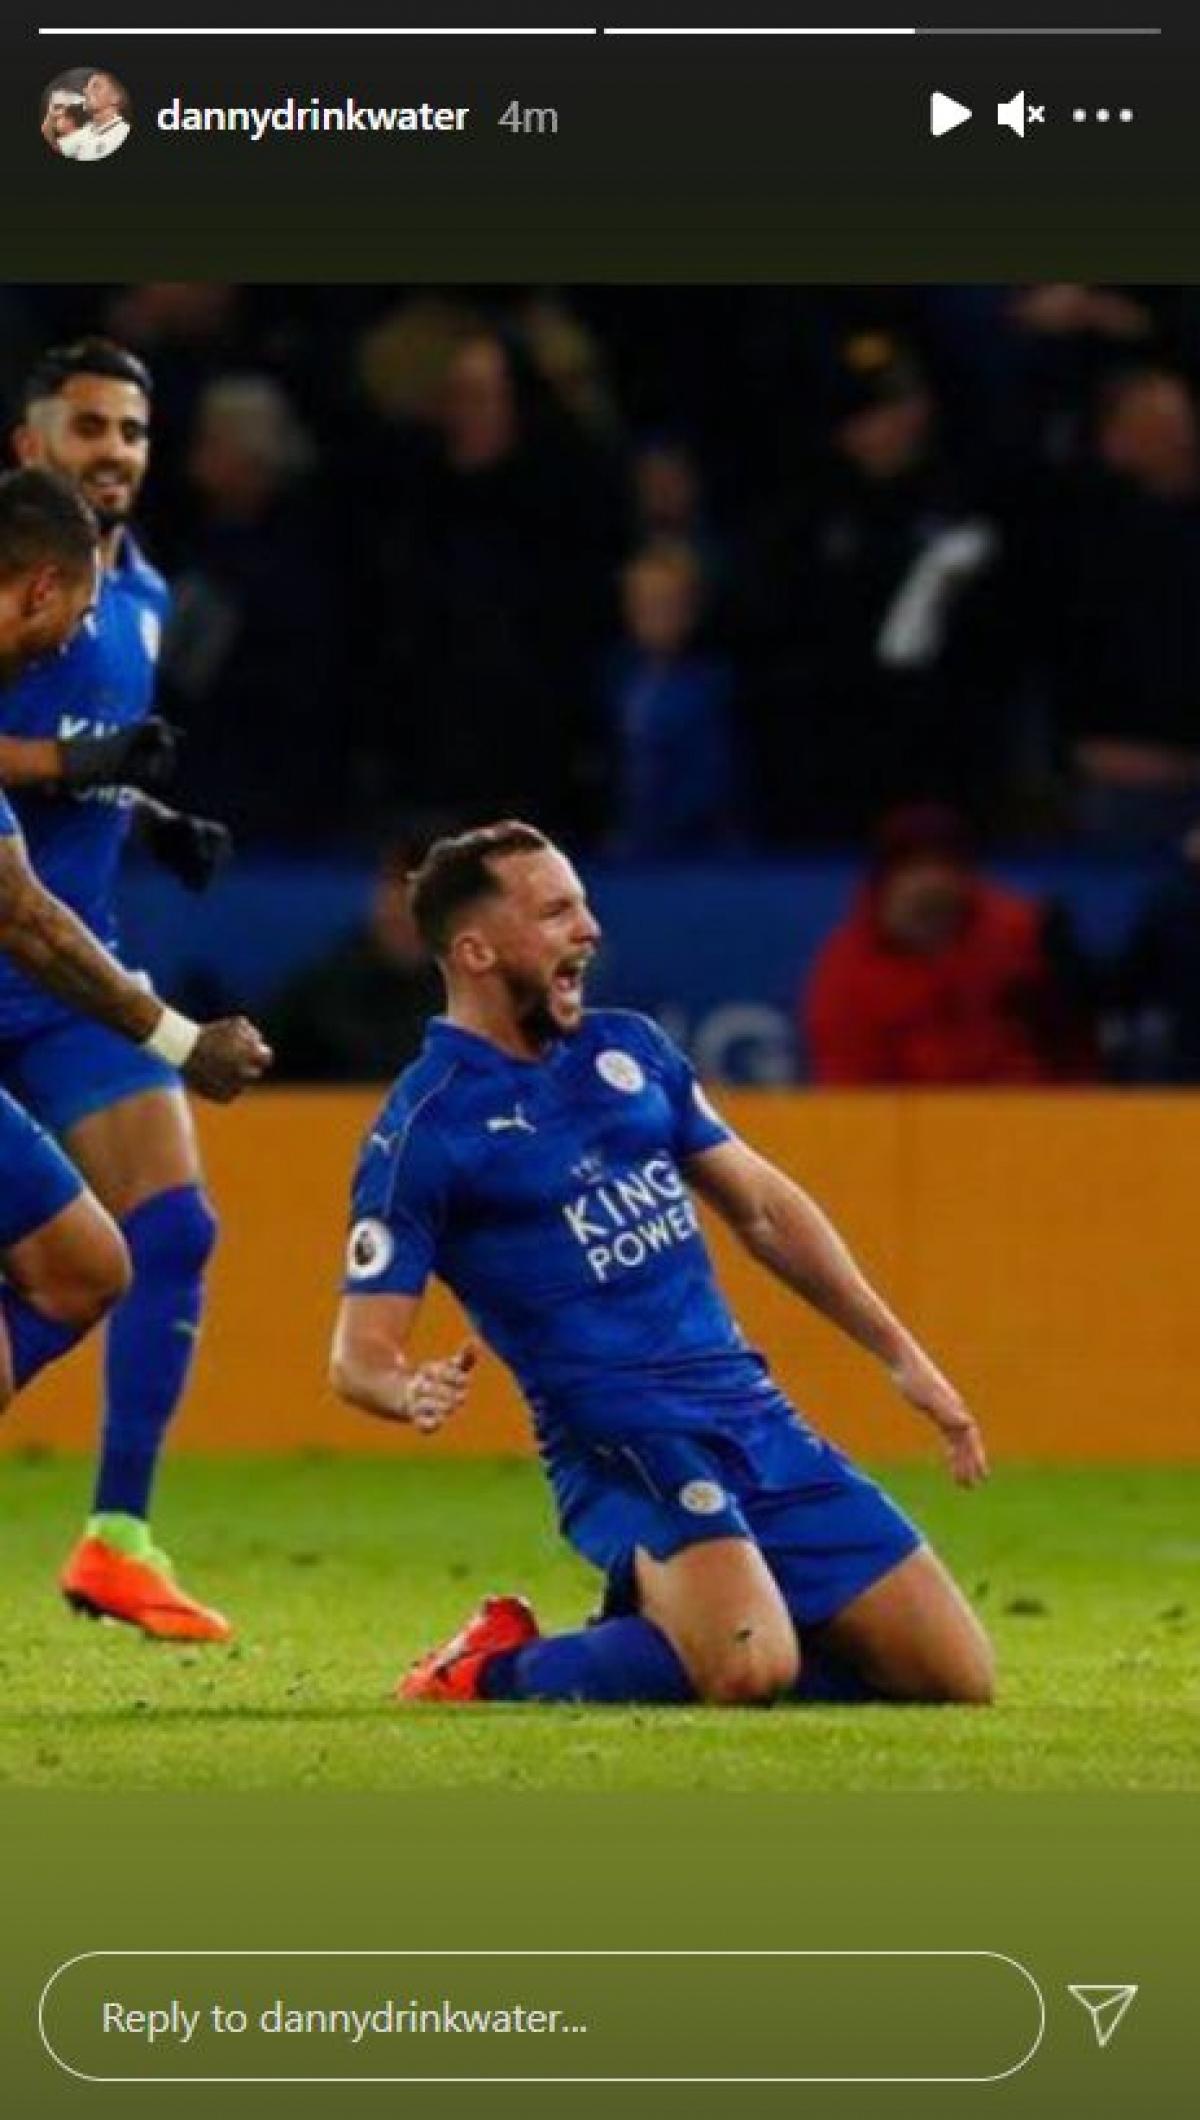 Hình ảnh Drinwater đăng lên mạng xã hội ngay sau khi Chelsea đưa ra thông tin chính thức về việc sa thải HLV Lampard.